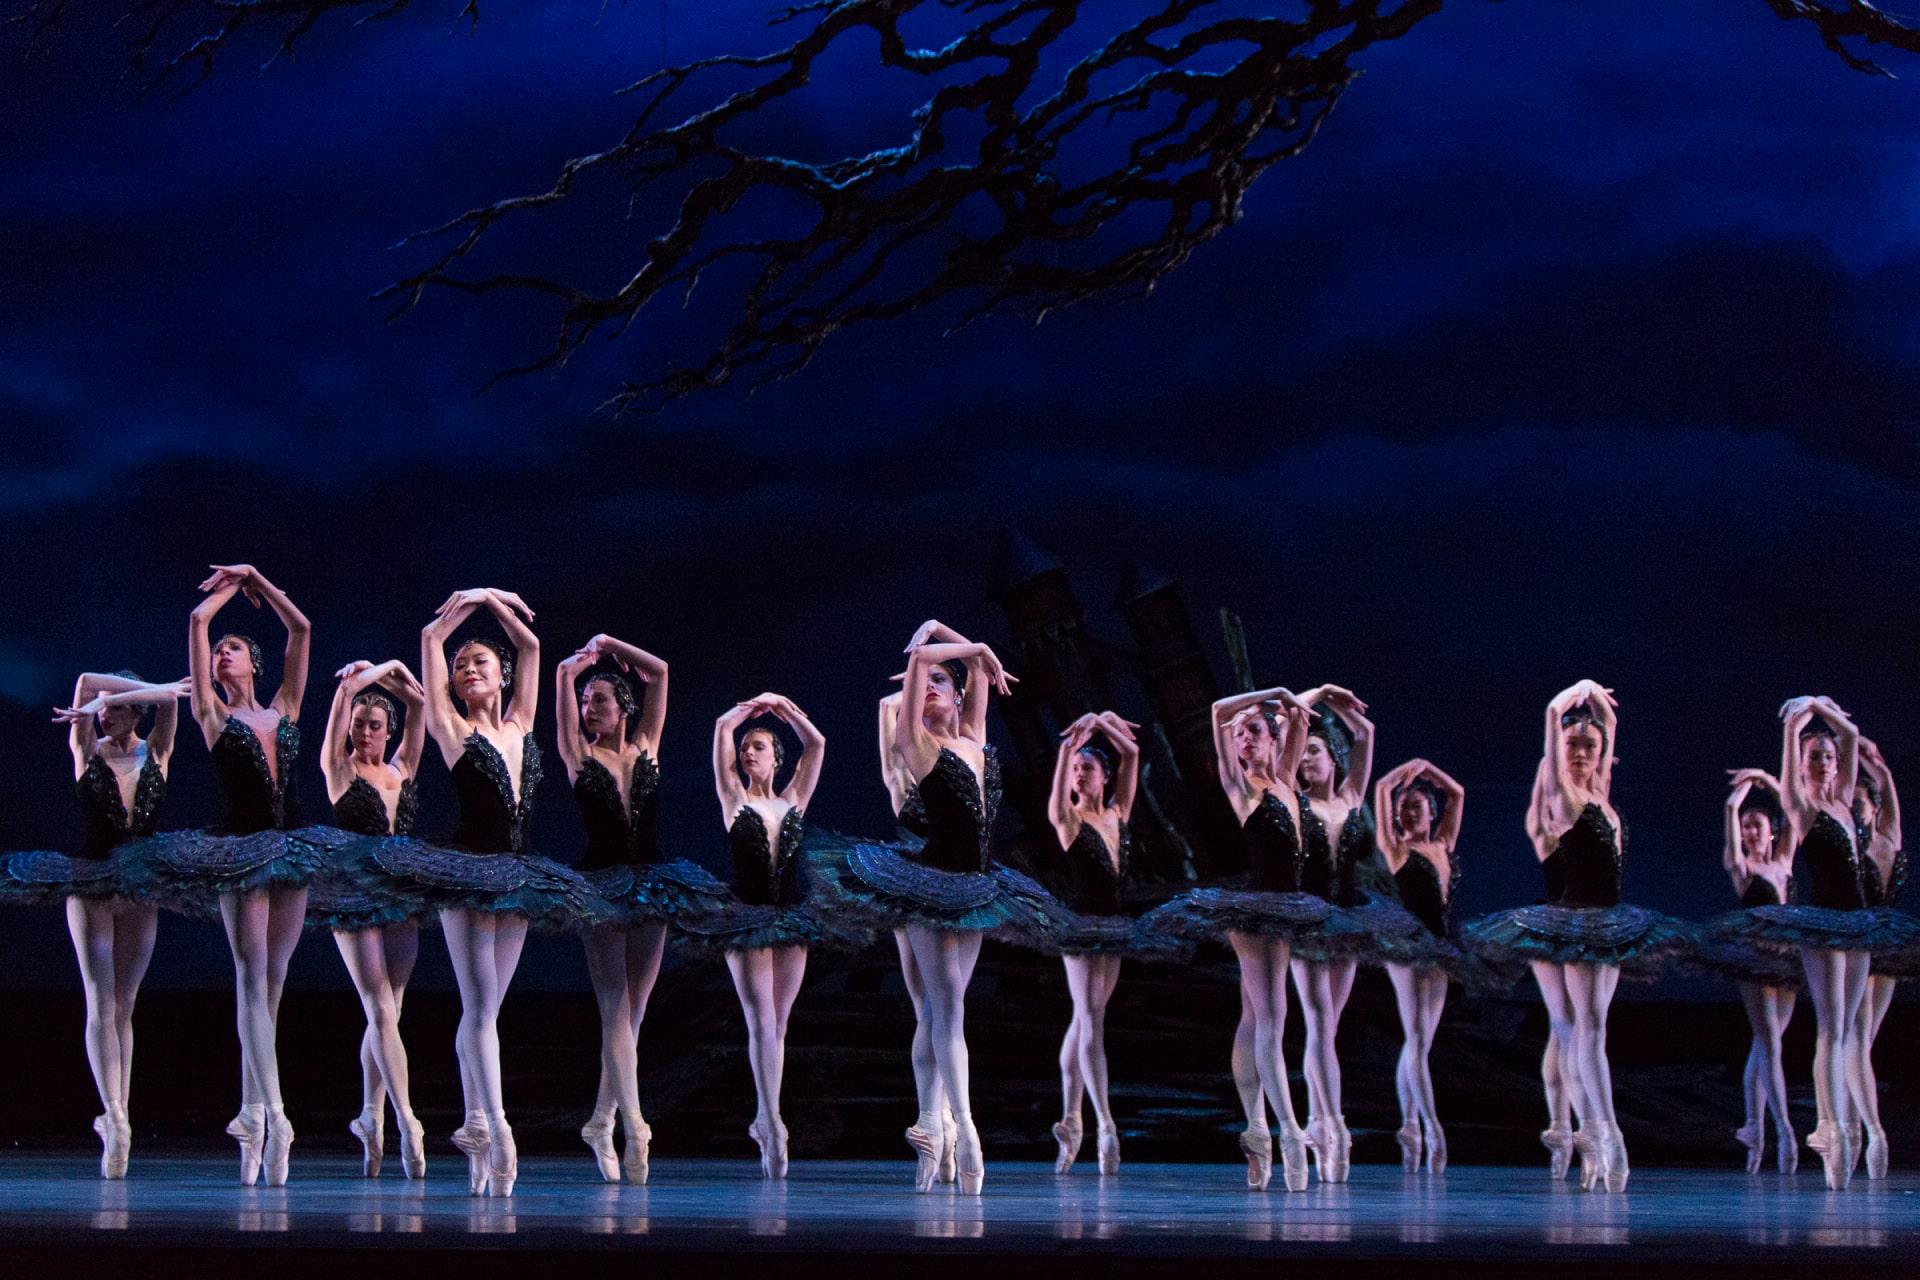 Chorus of ballerinas in black tutus on point, under craggy branch against dark blue clouds.